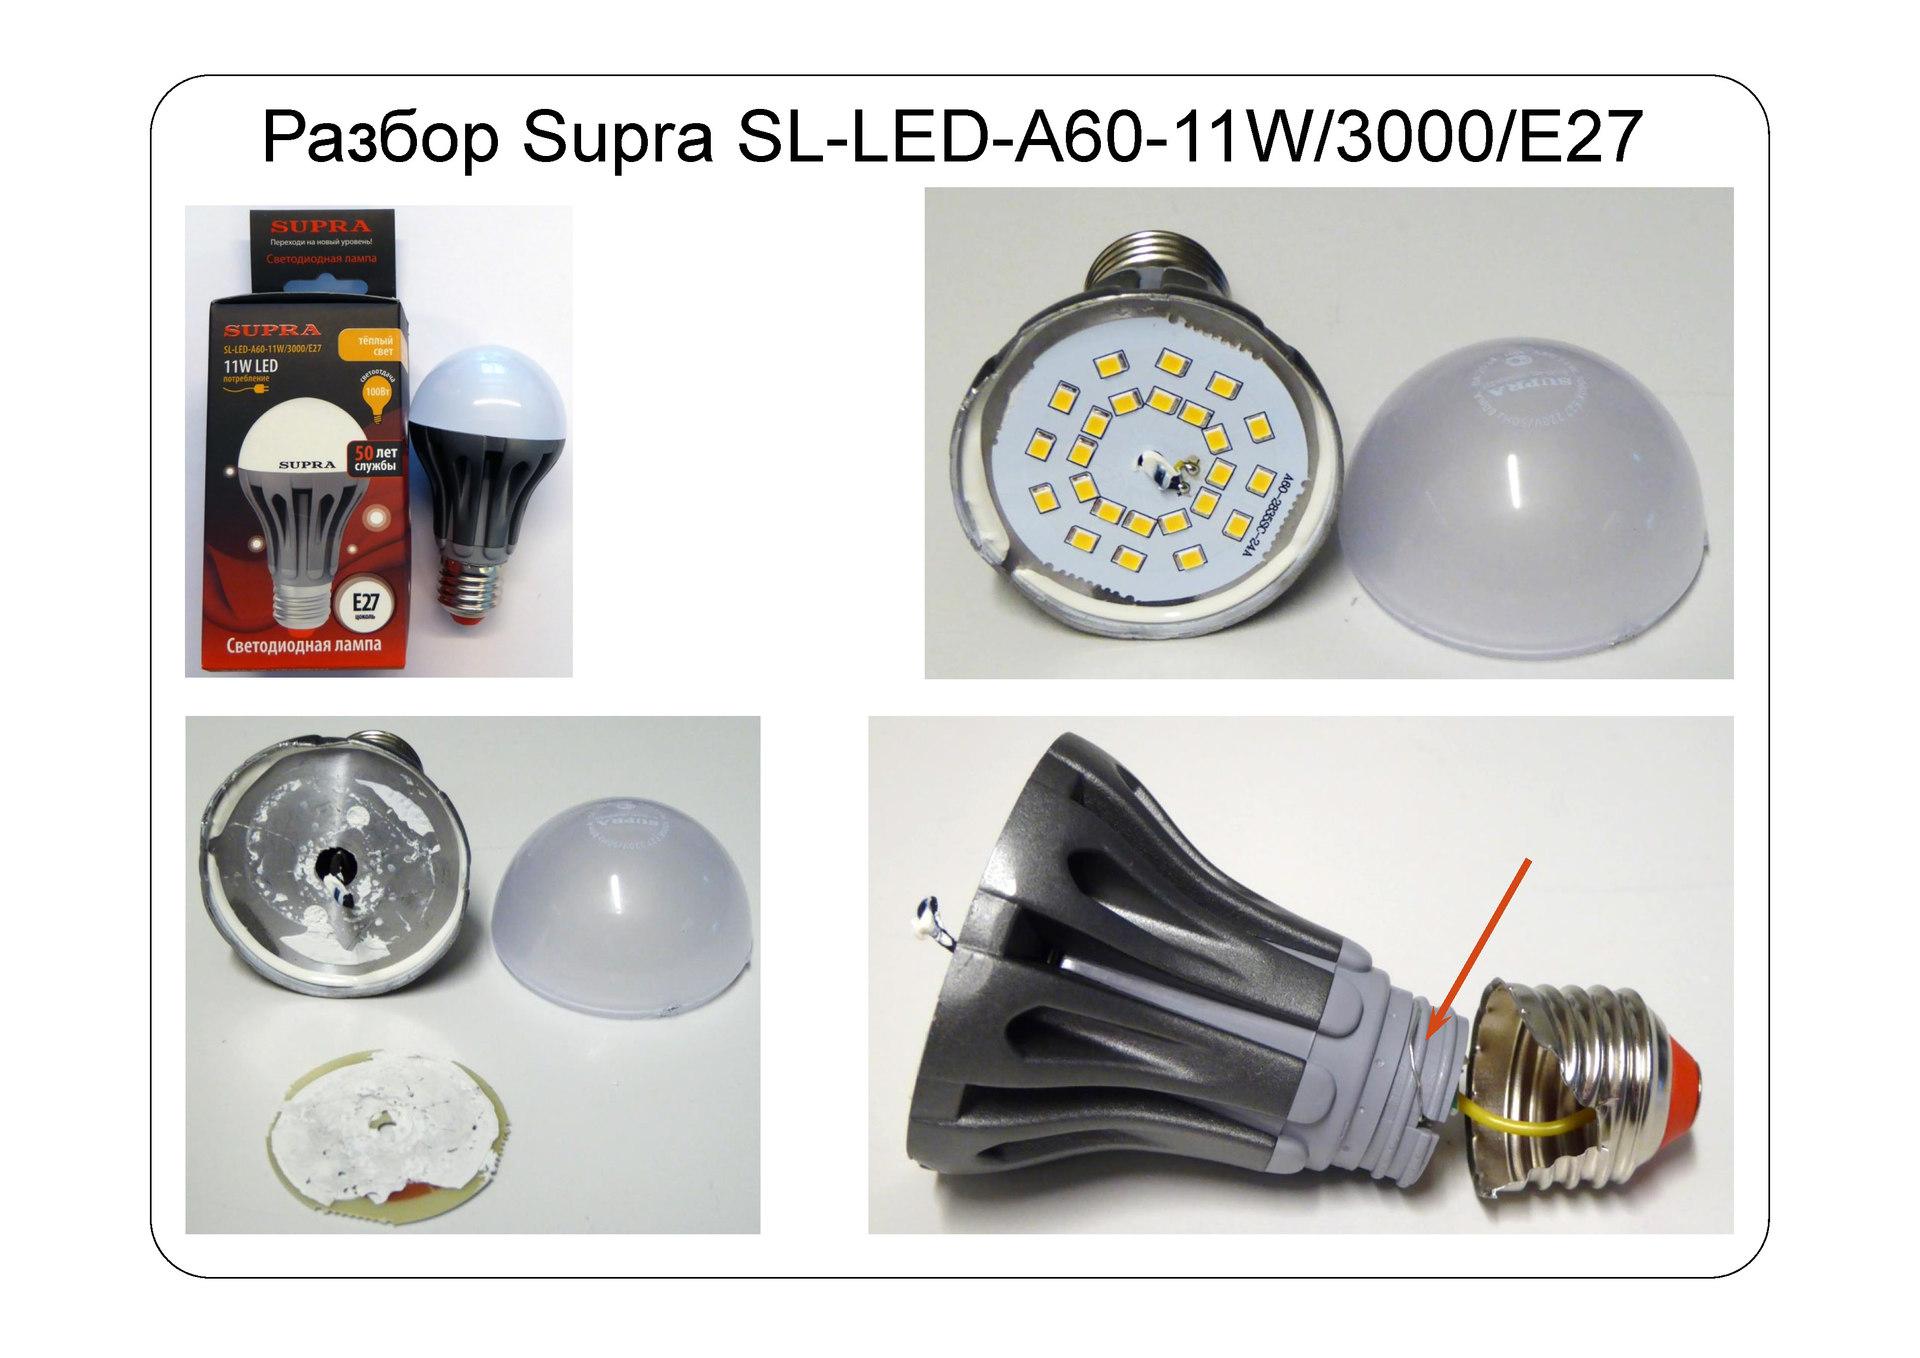 Лампочка ASD LED-JCDR-Standard 7.5W 3000K 160-260V GU10 4690612002361